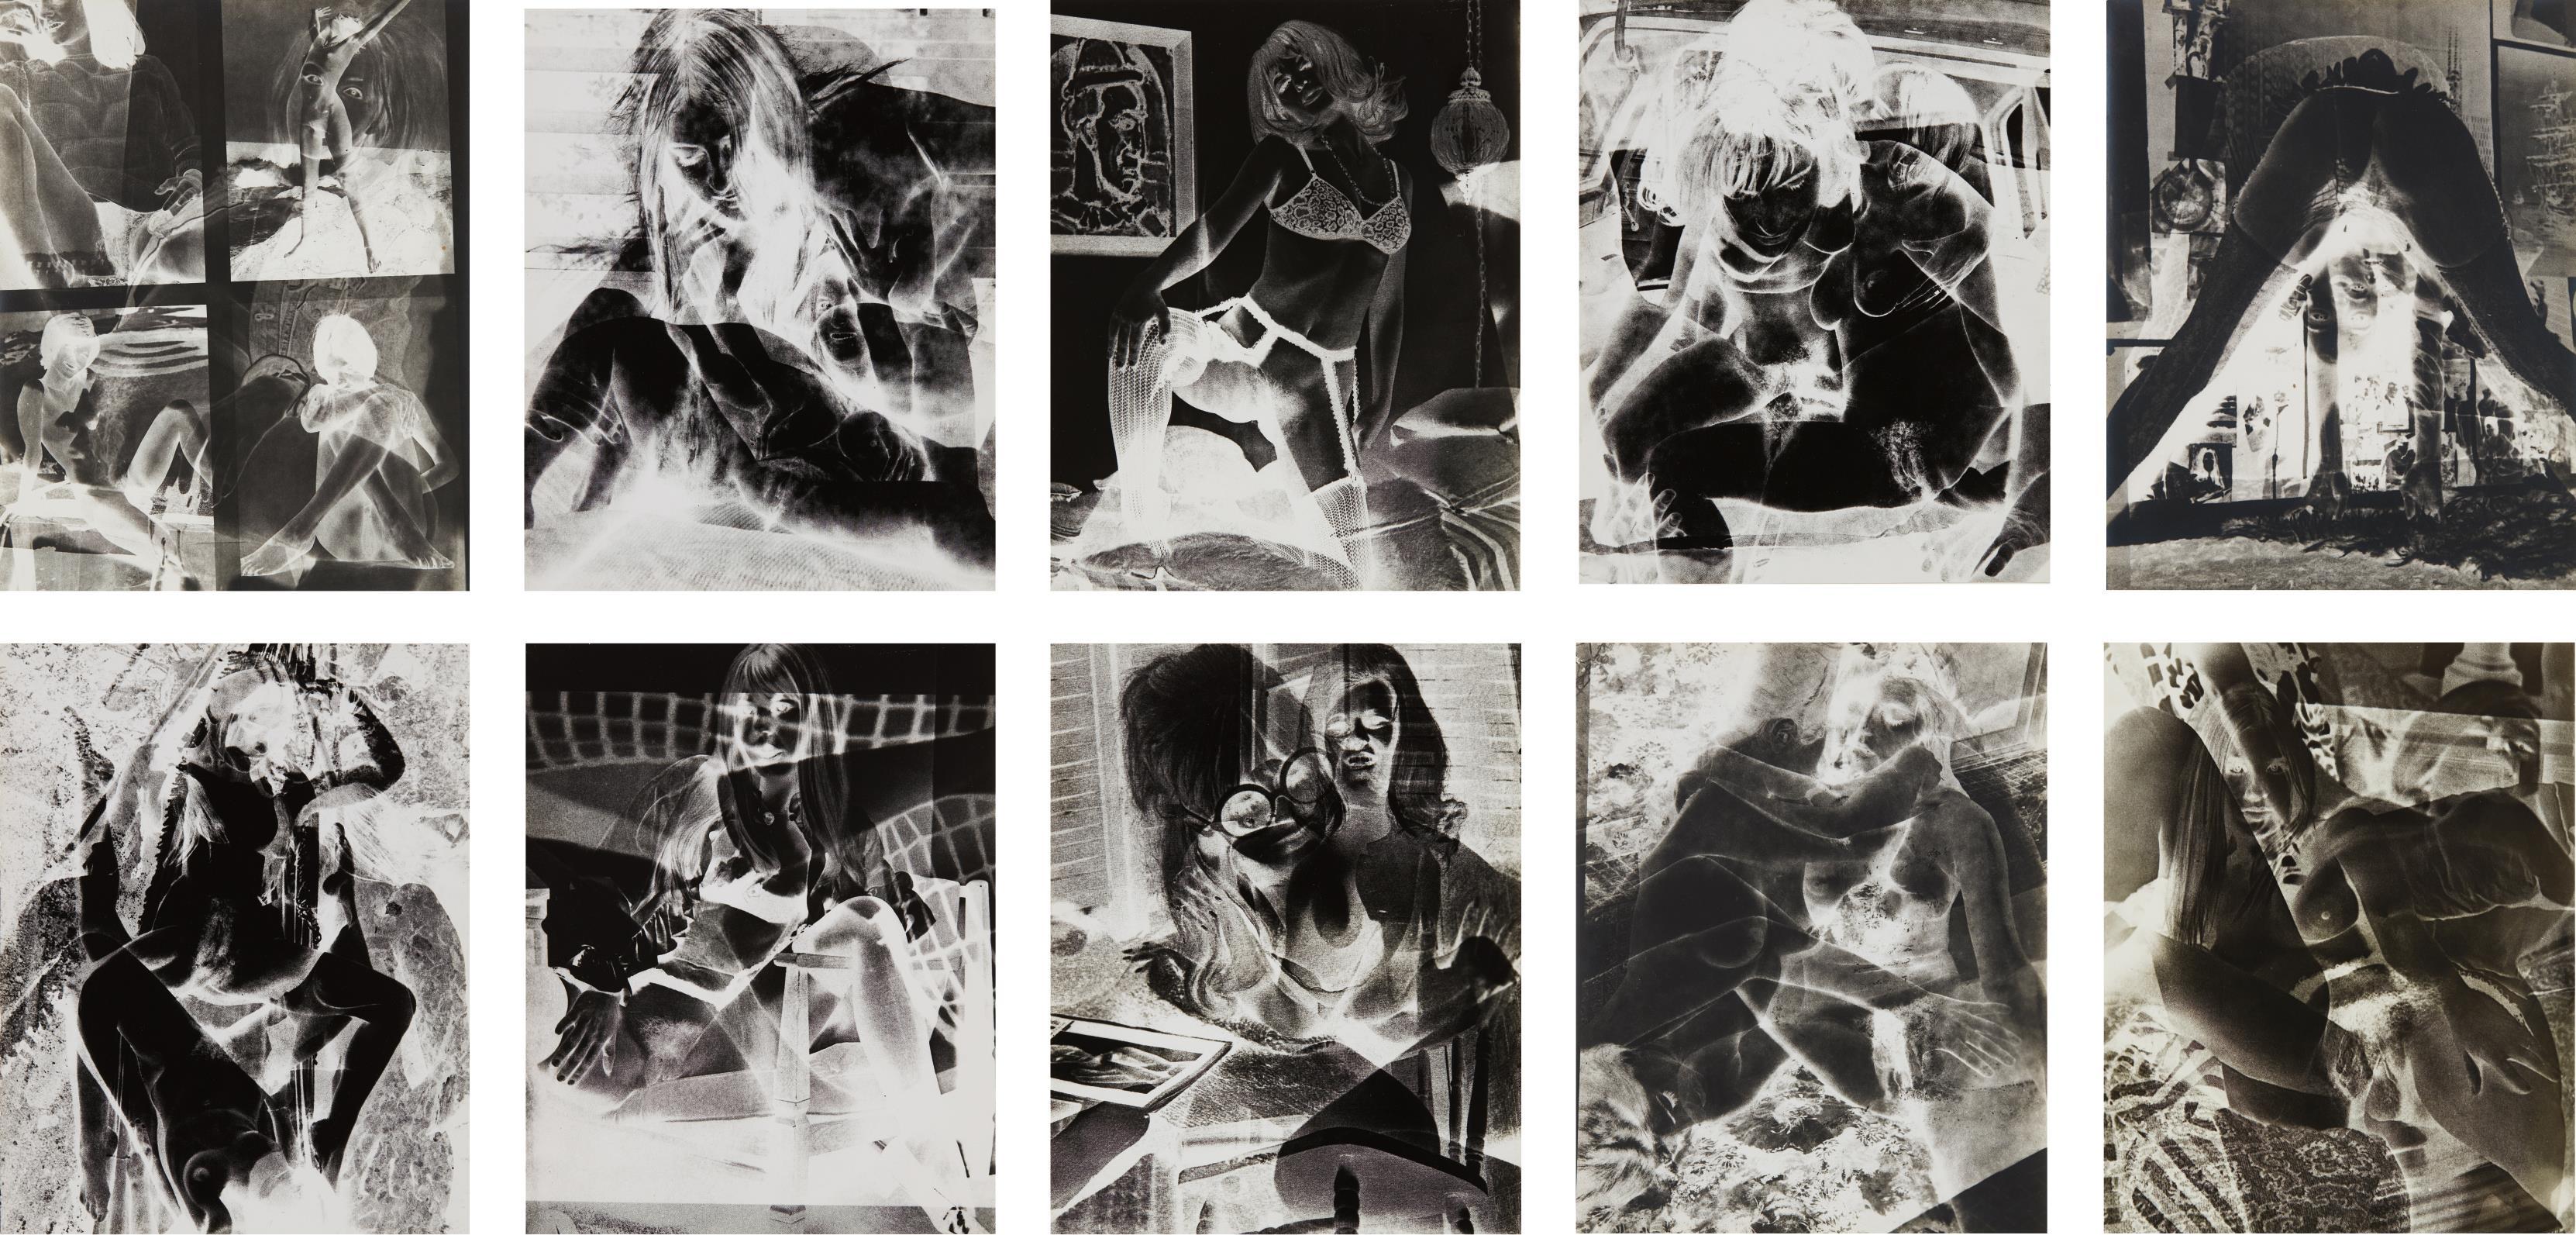 Robert Heinecken-Selected Images-1970